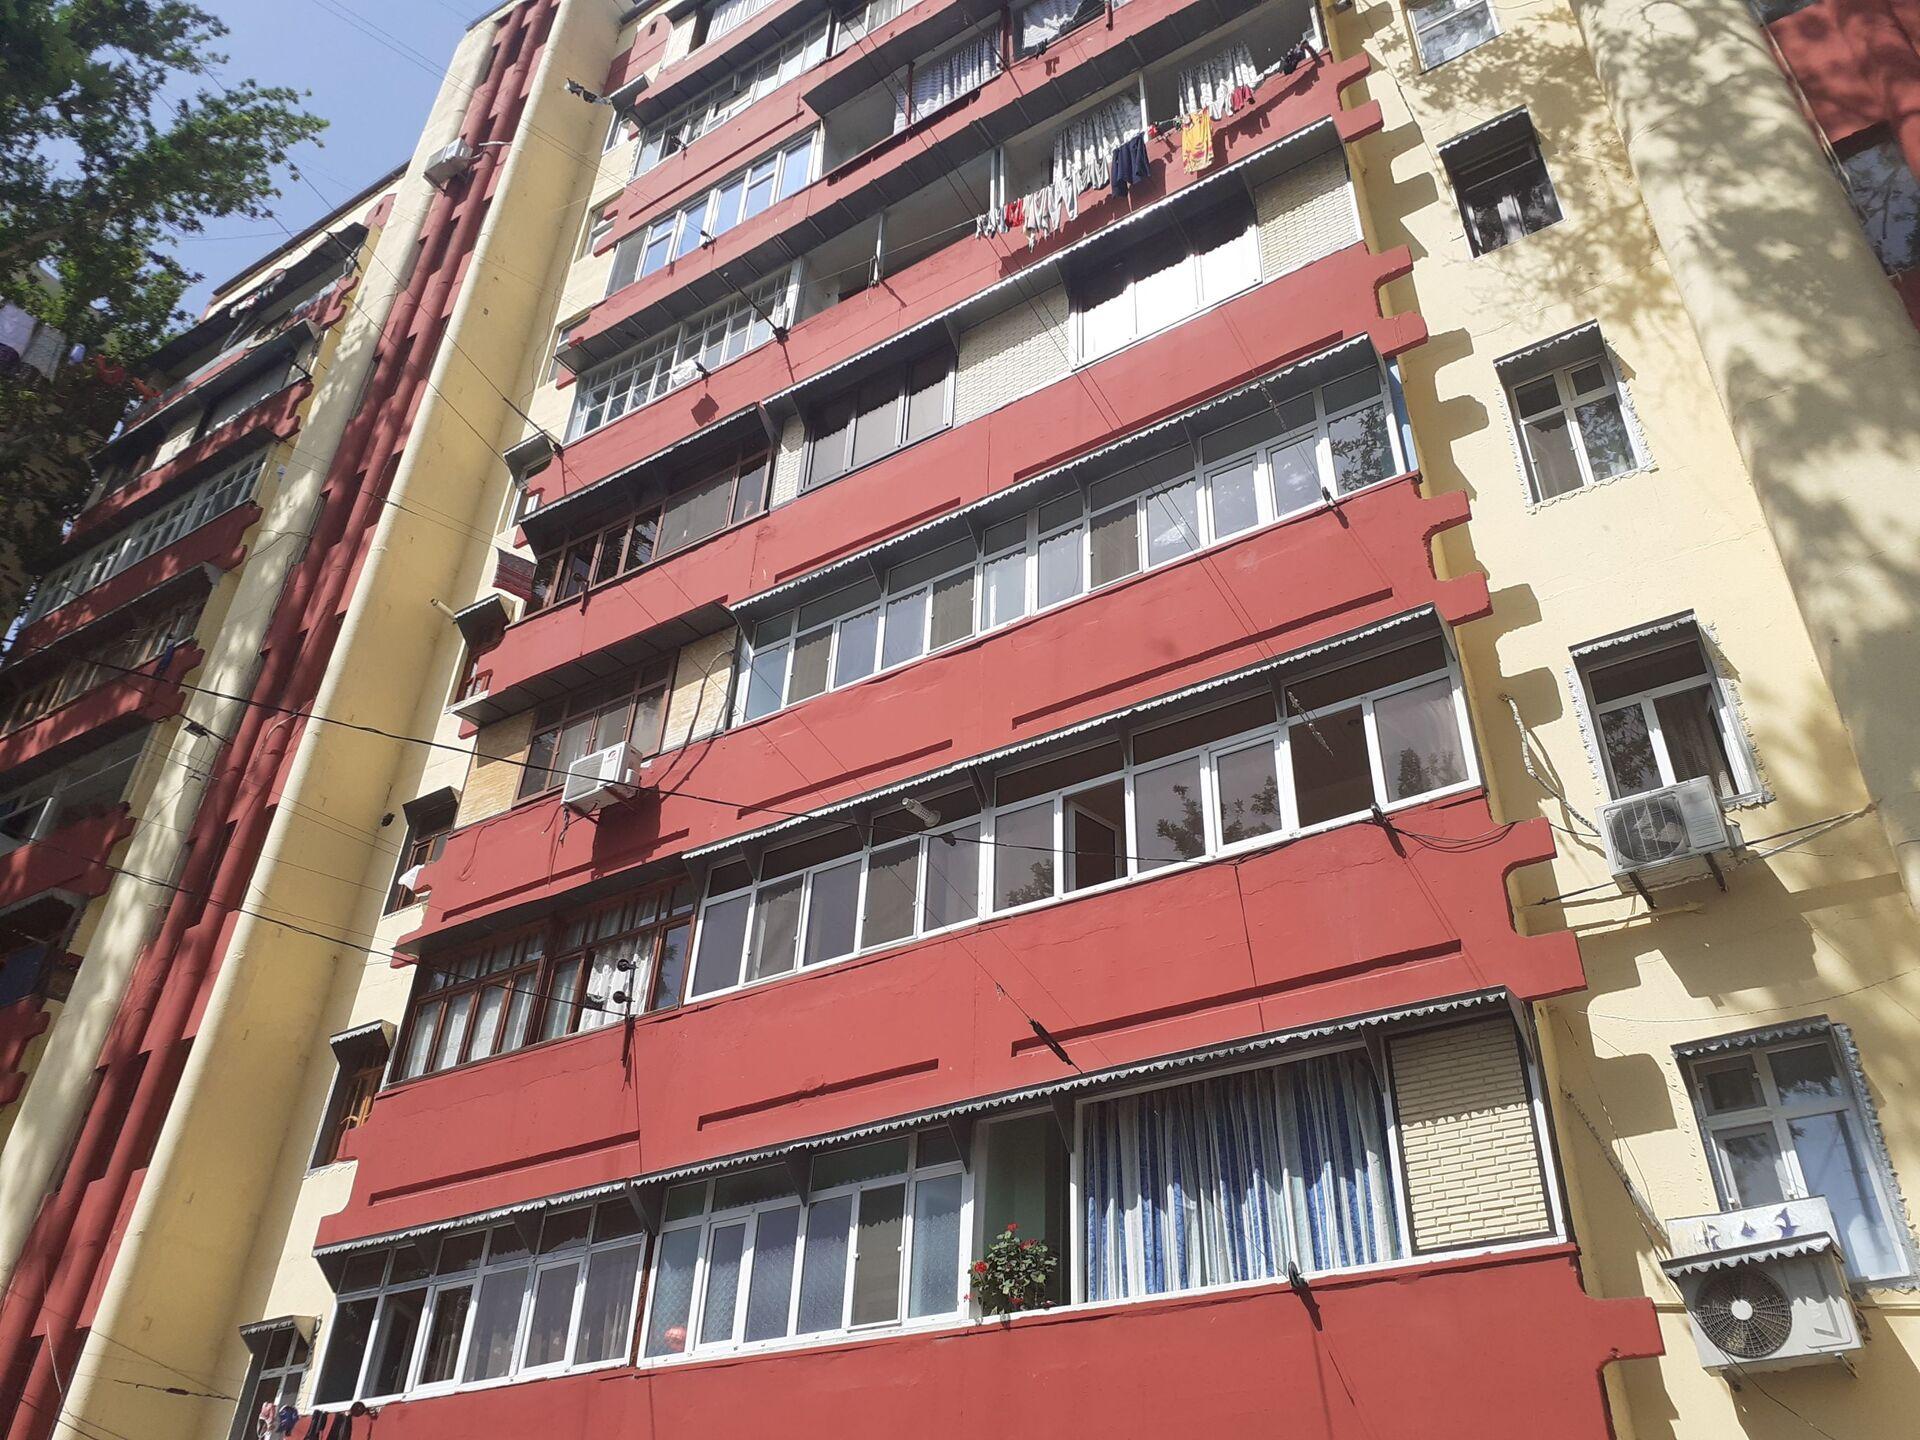 Крысы в доме: жильцы многоэтажки страдают от нашествия грызунов - Sputnik Азербайджан, 1920, 06.06.2021